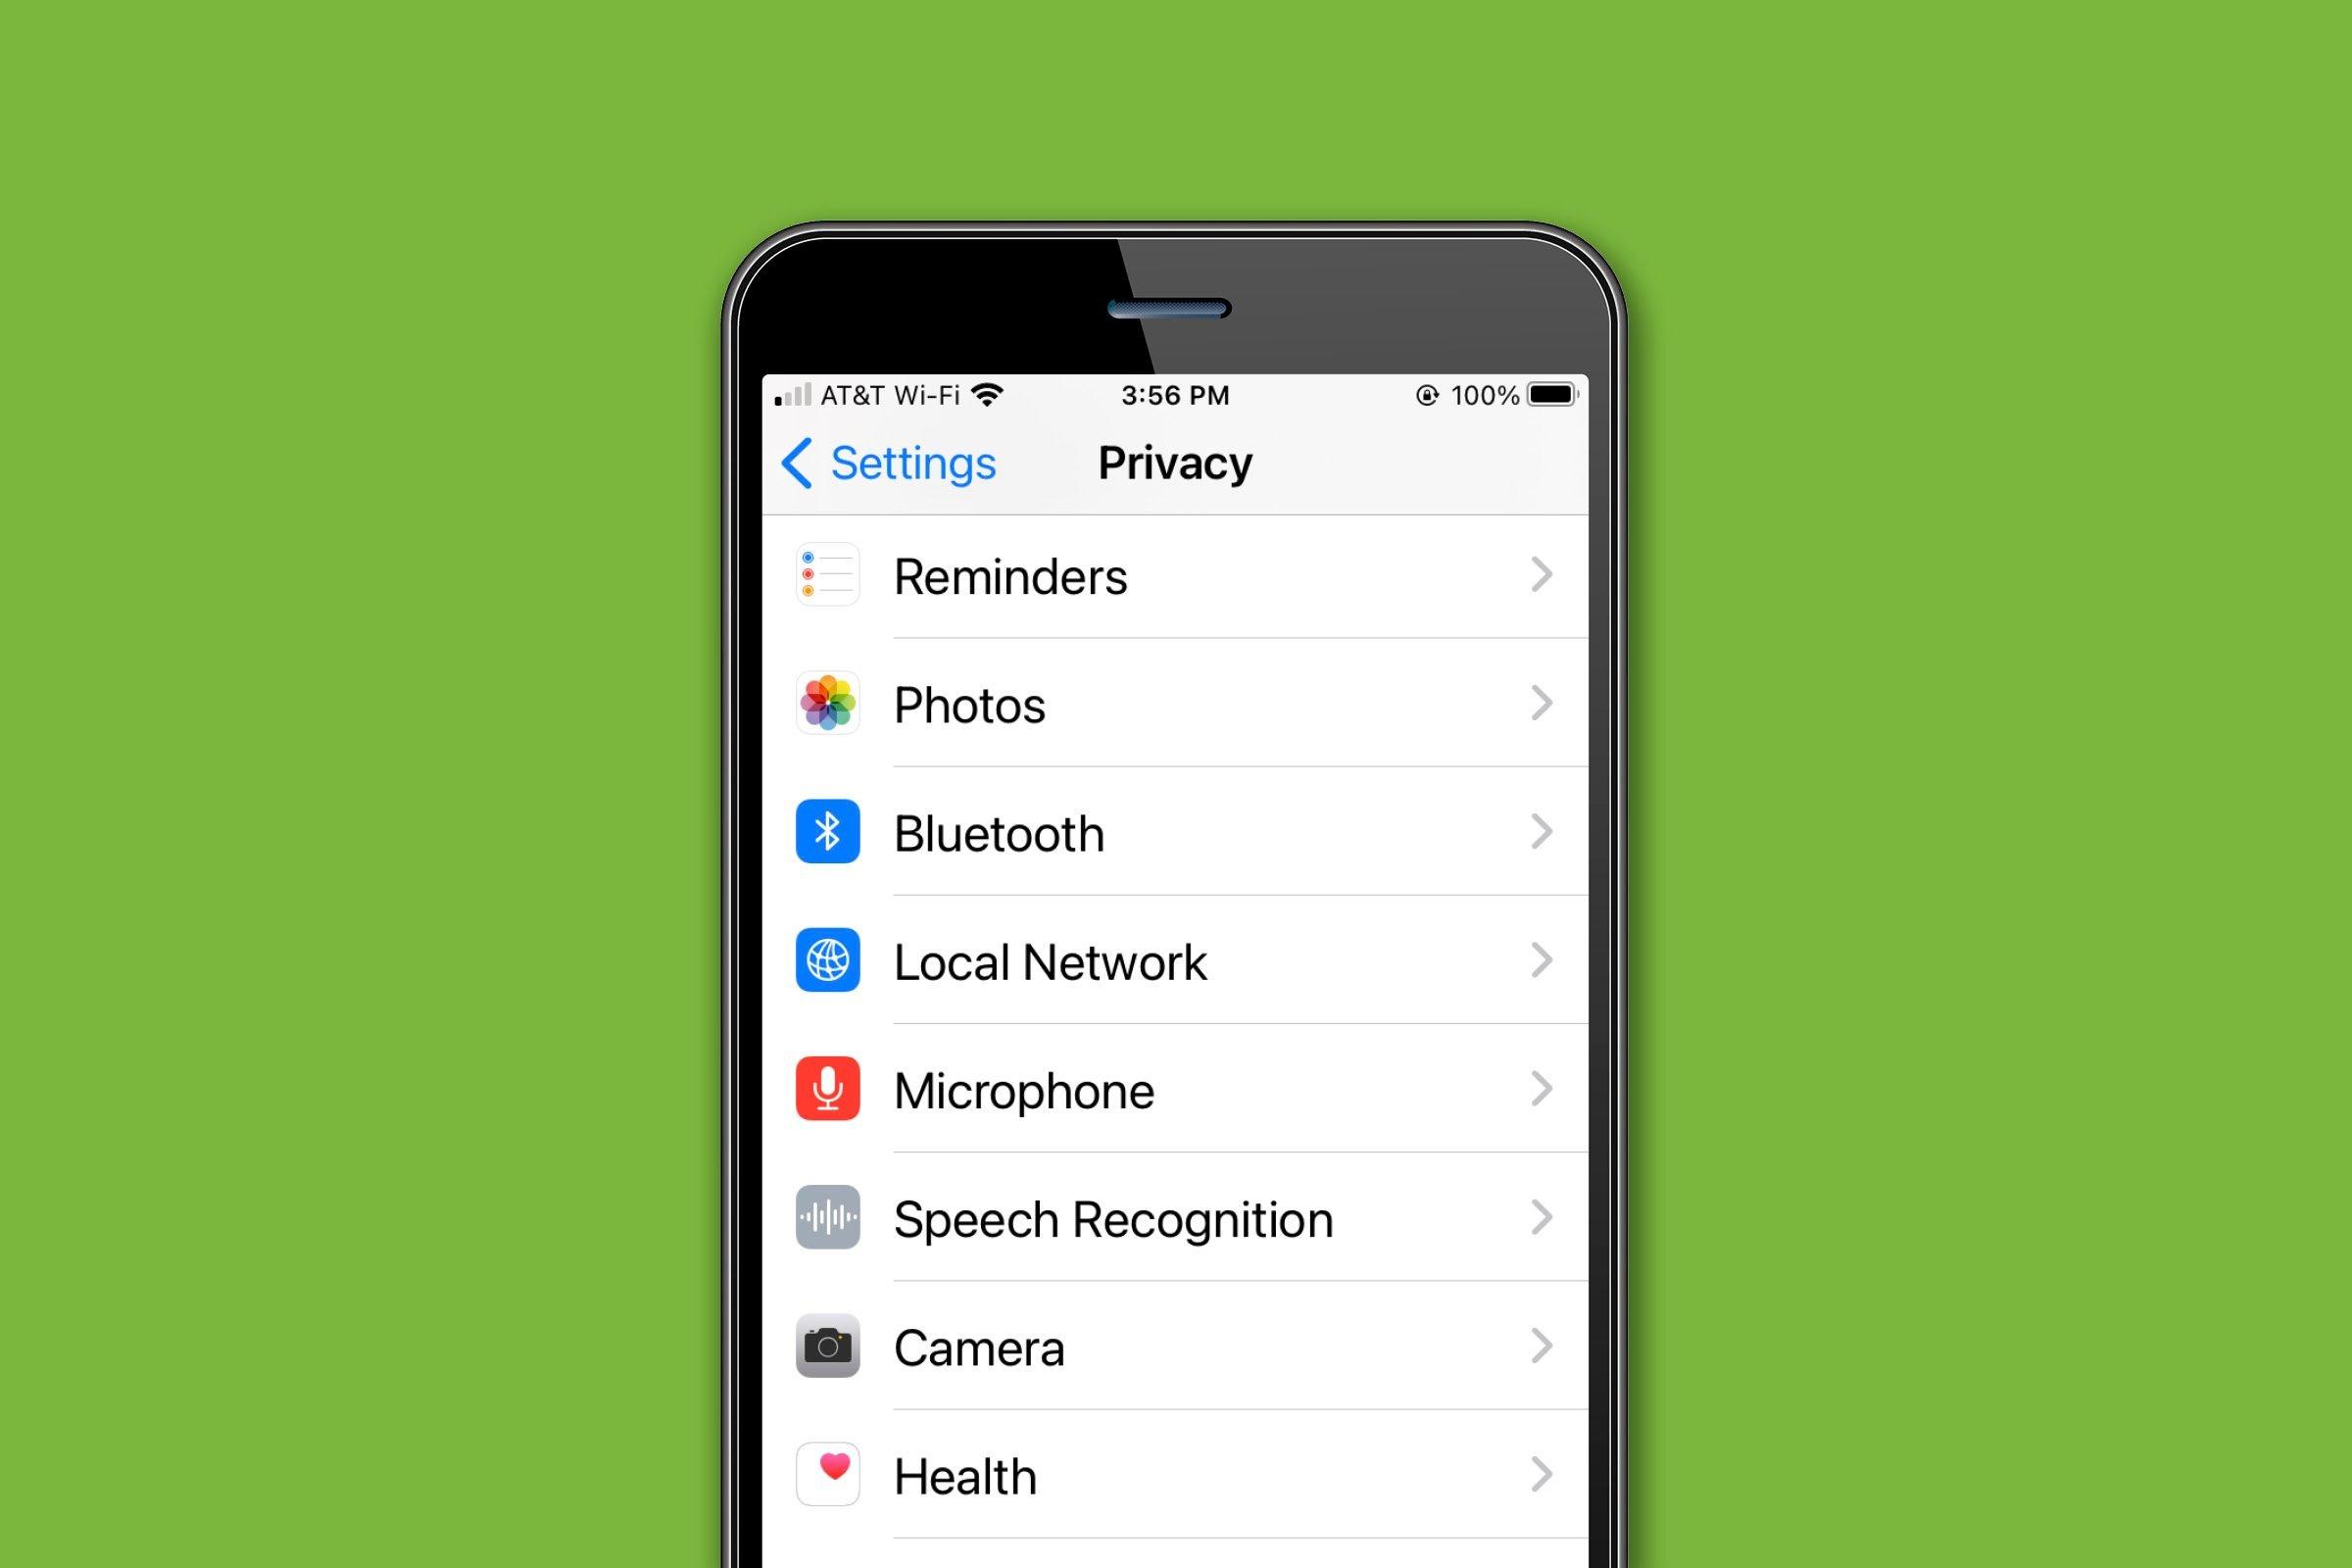 iPhone privacy settings menu